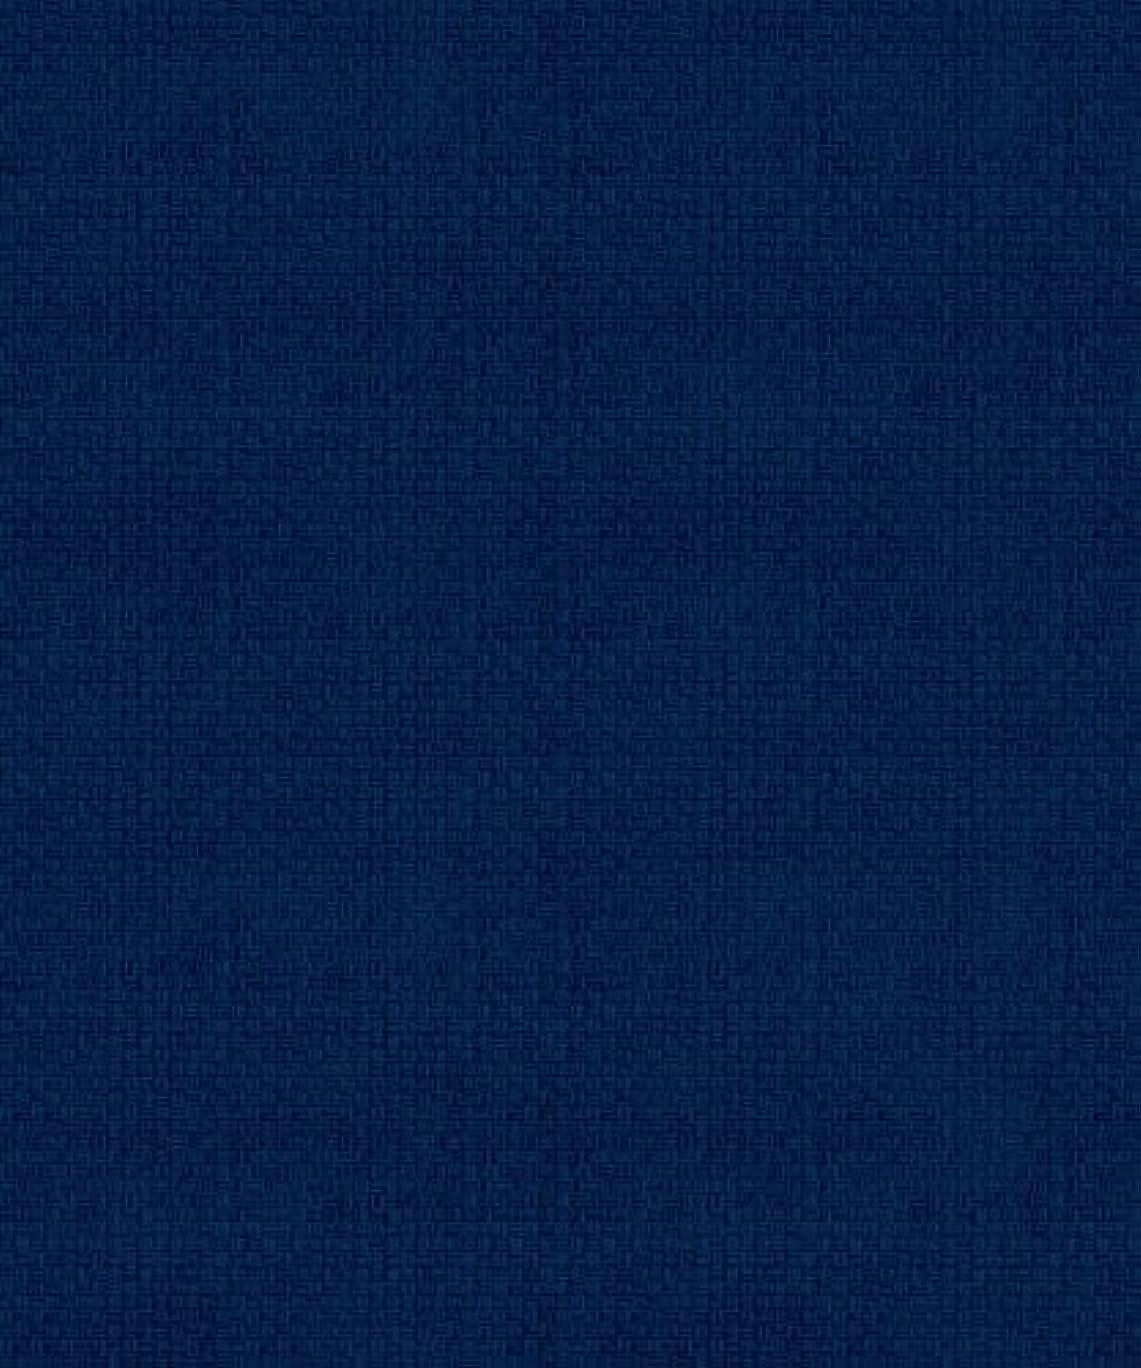 競争力のある鋸歯状飢FIXPIX 壁紙シール ネイビー 50cm×3m GP-11536 はがせる壁紙 シールタイプ